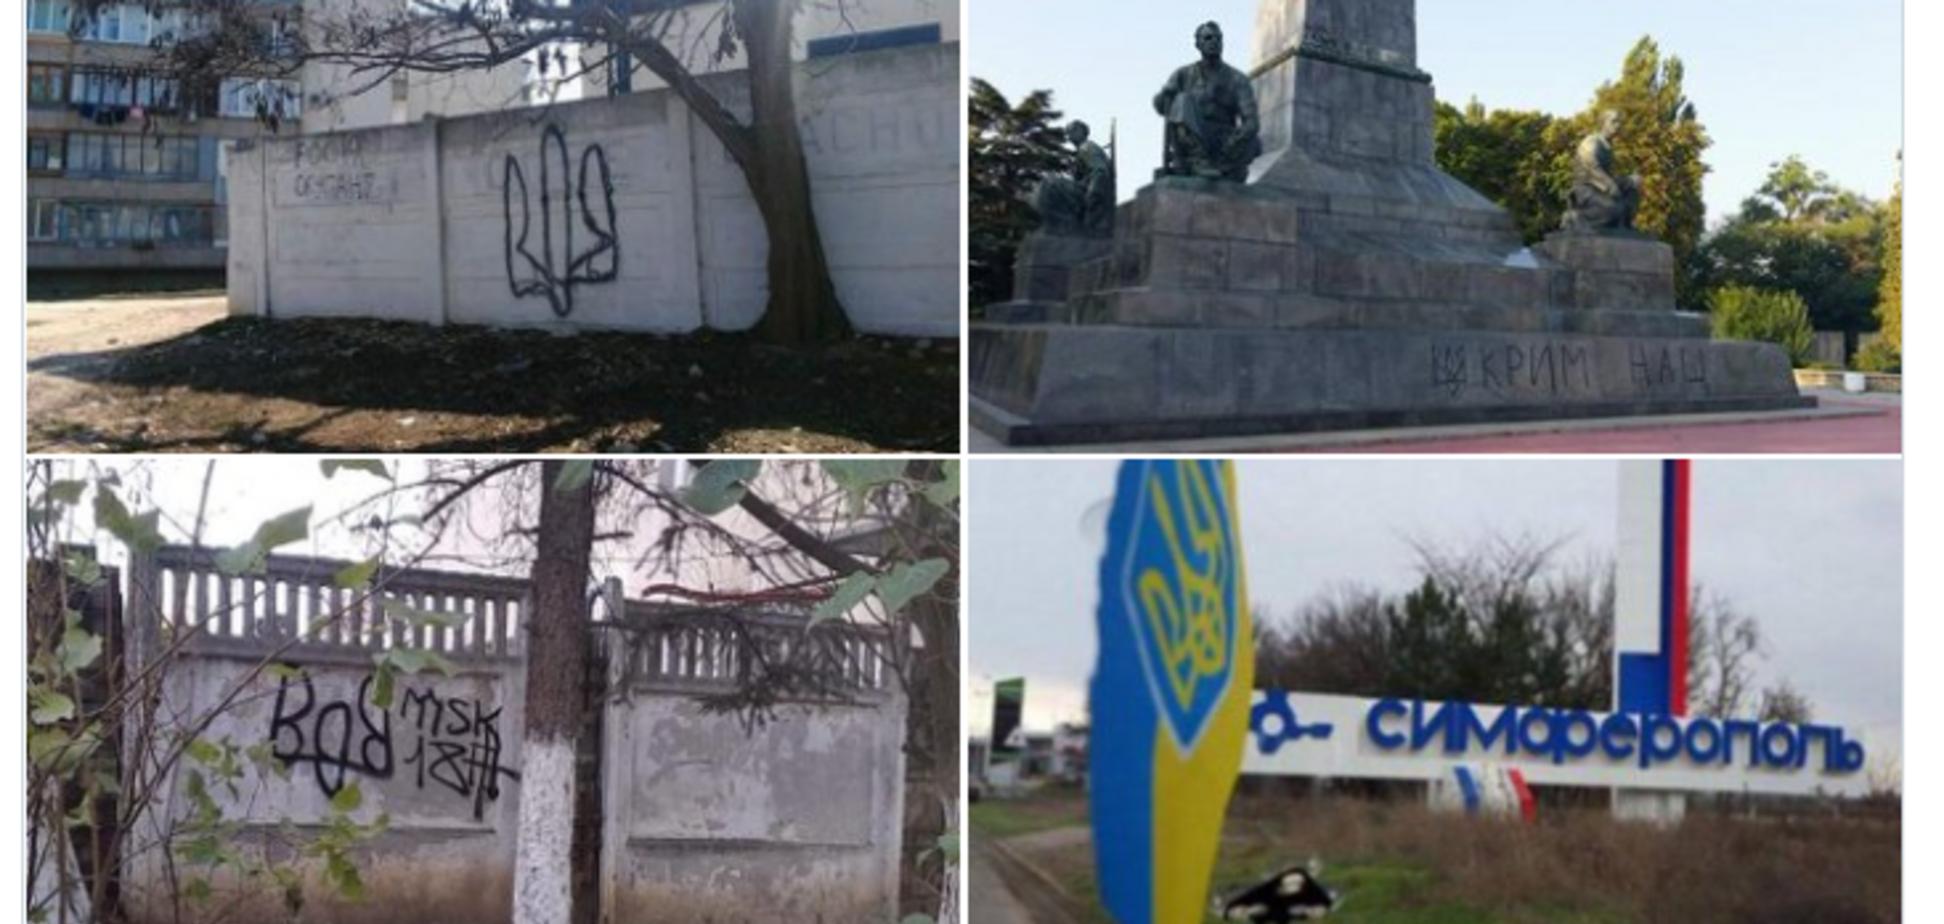 Новости Крымнаша. Россия уничтожила все, чего благодаря Украине достиг Крым